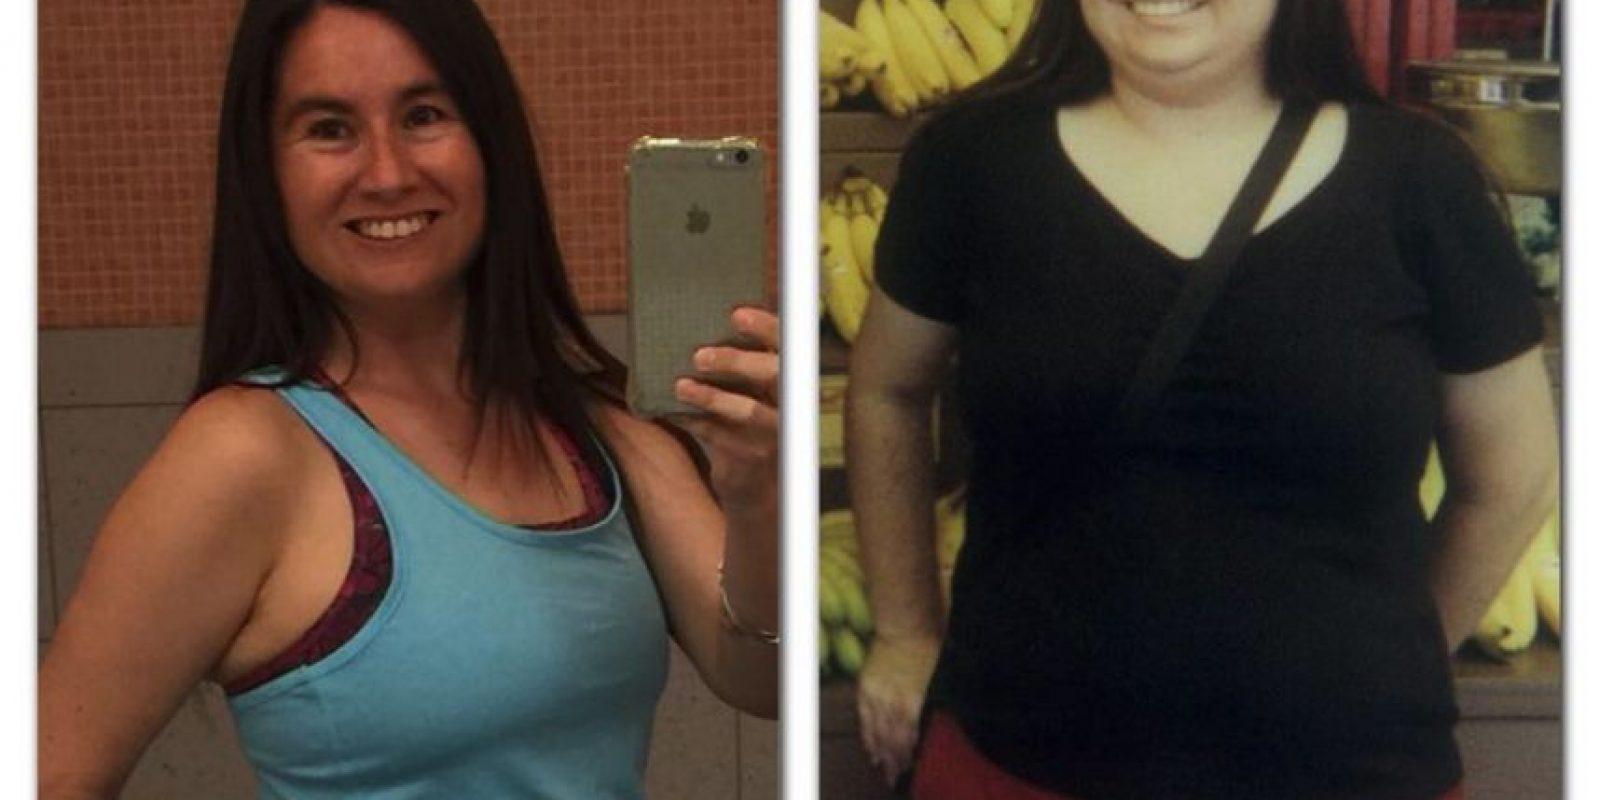 Desde que comenzó, Swidecki logró bajar 34 kilos y redujo su cuerpo 10 tallas, por lo que se ha convertido en un ejemplo a seguir para la gente obesa Foto:facebook.com/pages/Carrie-Swidecki/